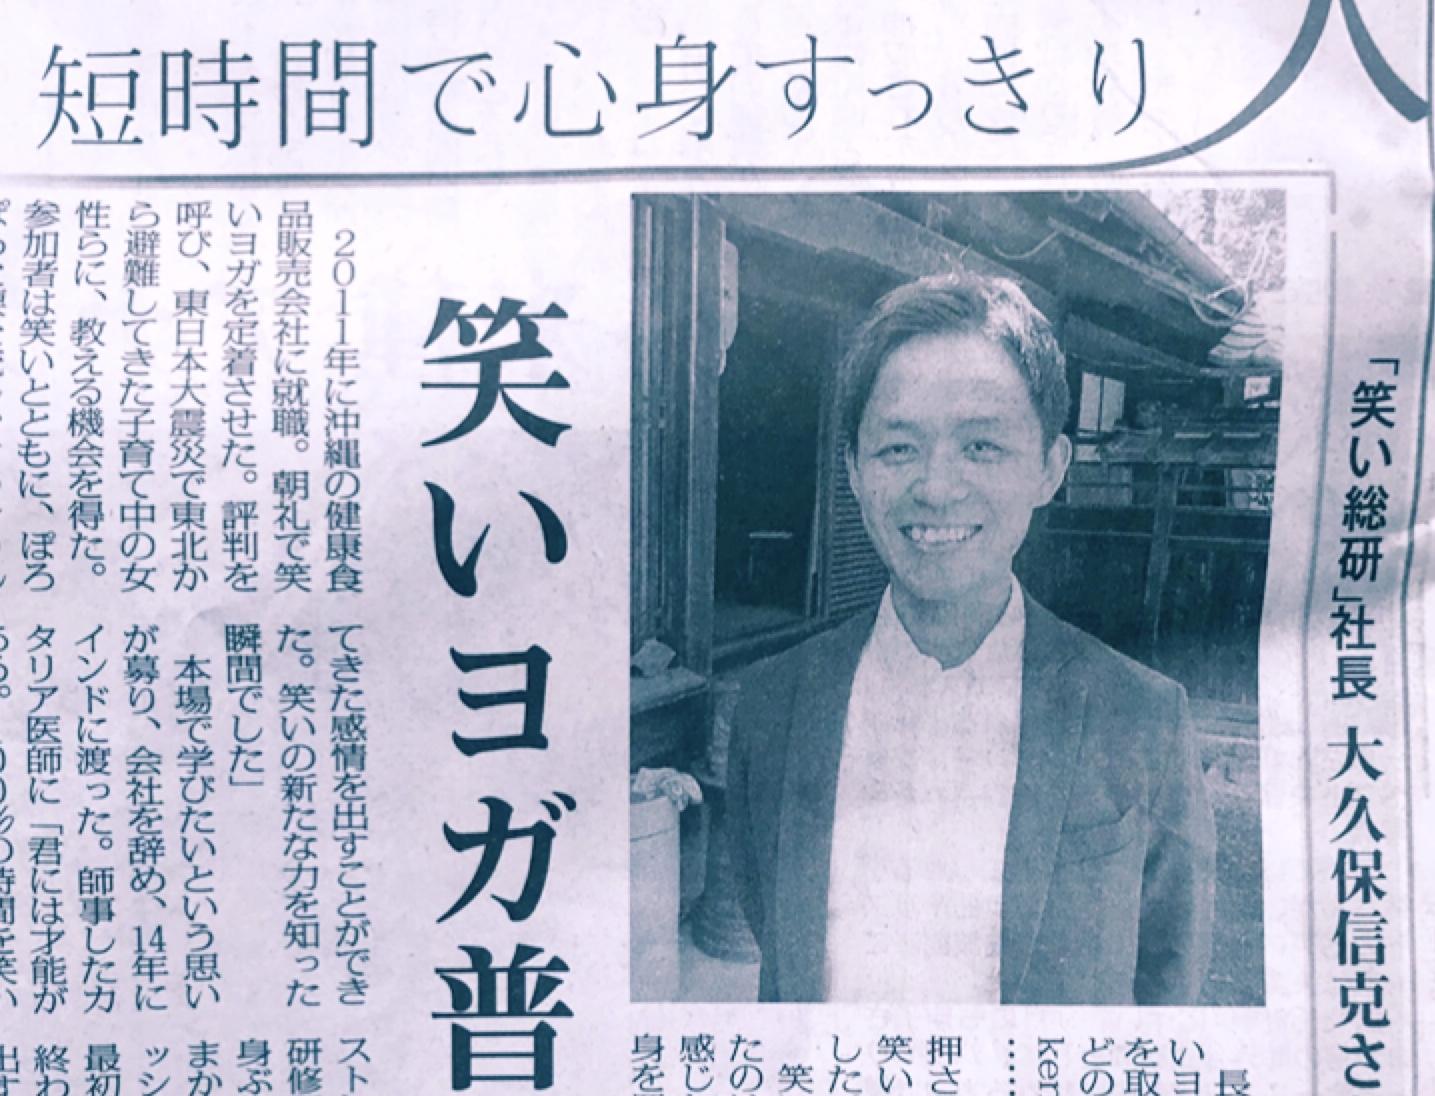 毎日新聞の特集記事「人ひと」に掲載されました!